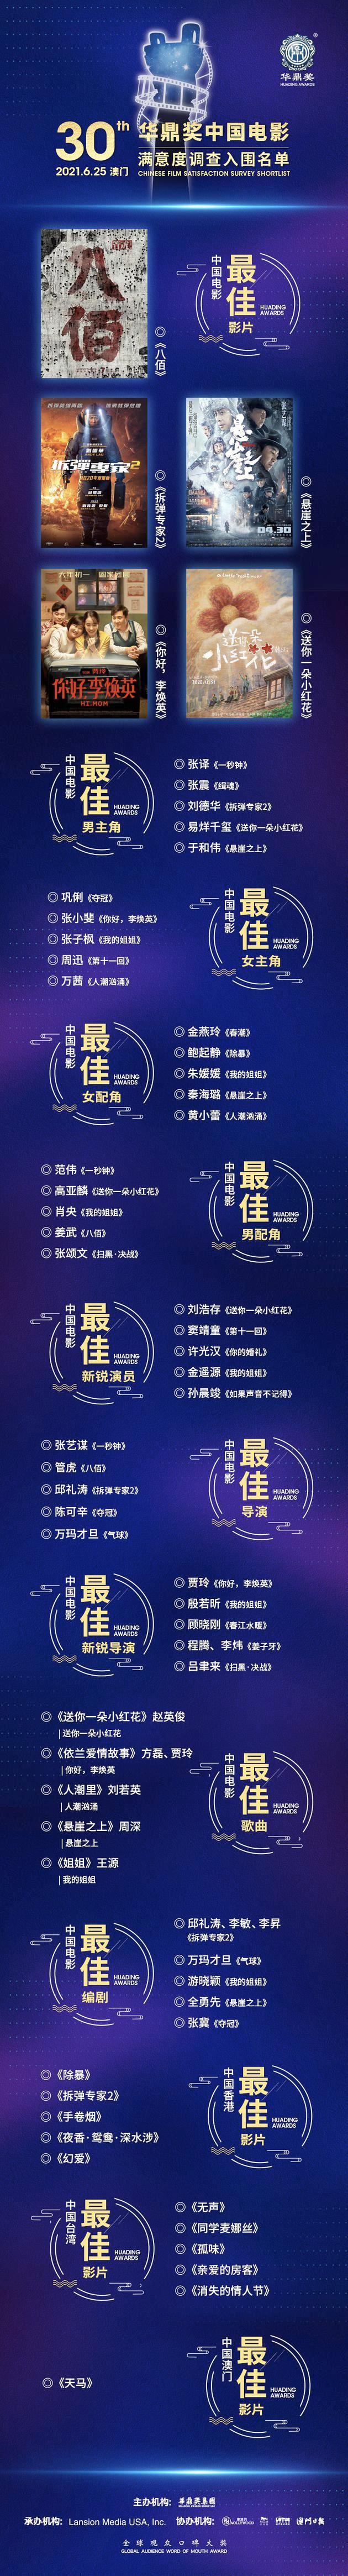 第30届华鼎奖提名揭晓 中国电影满意度调查提名名单公布